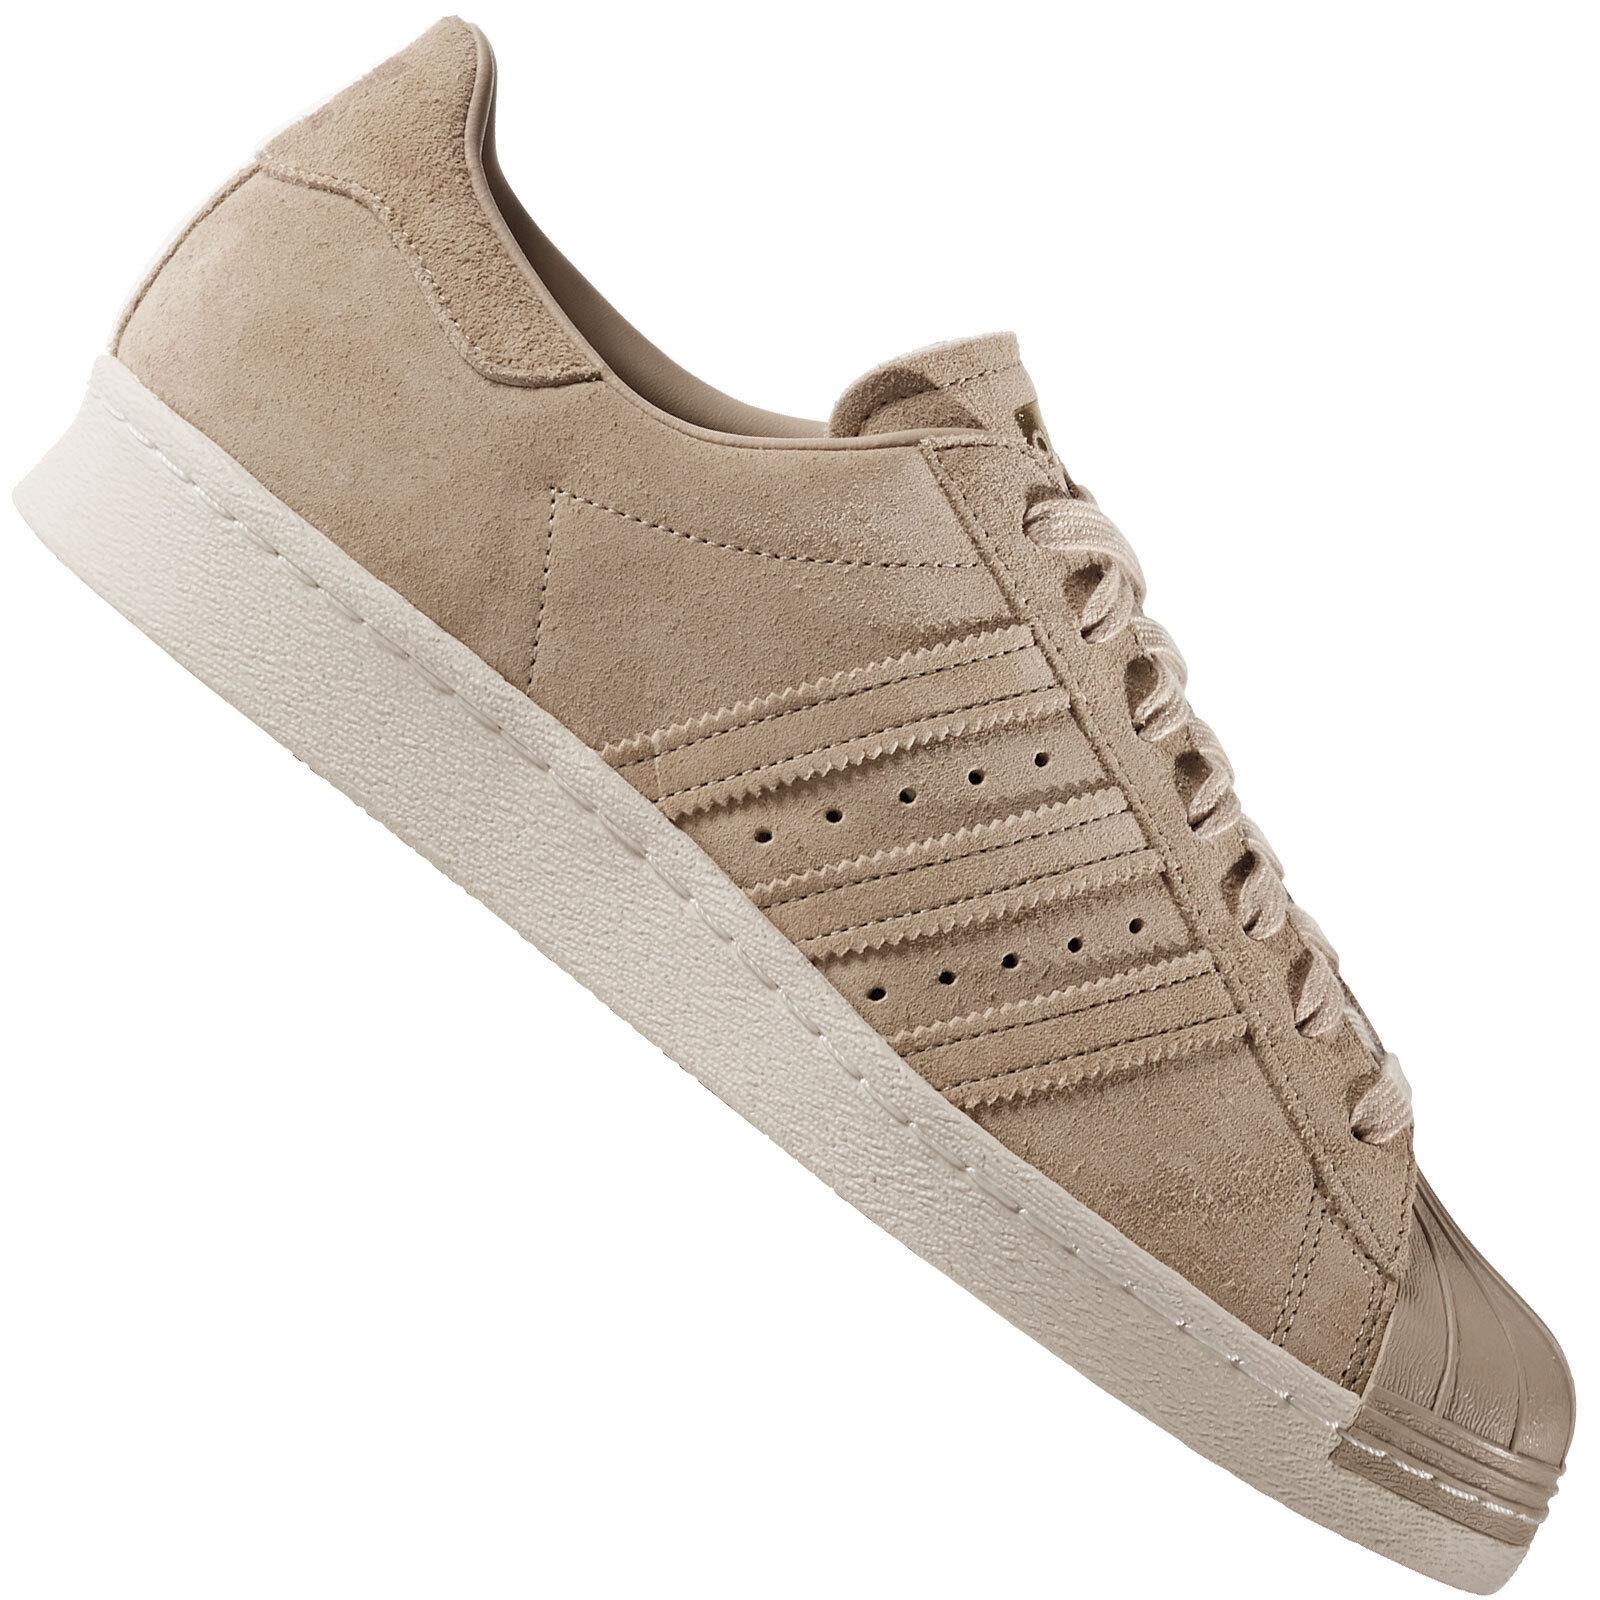 Adidas Originals Superstar de los Años 80 Zapatillas de de de Deporte cd4266